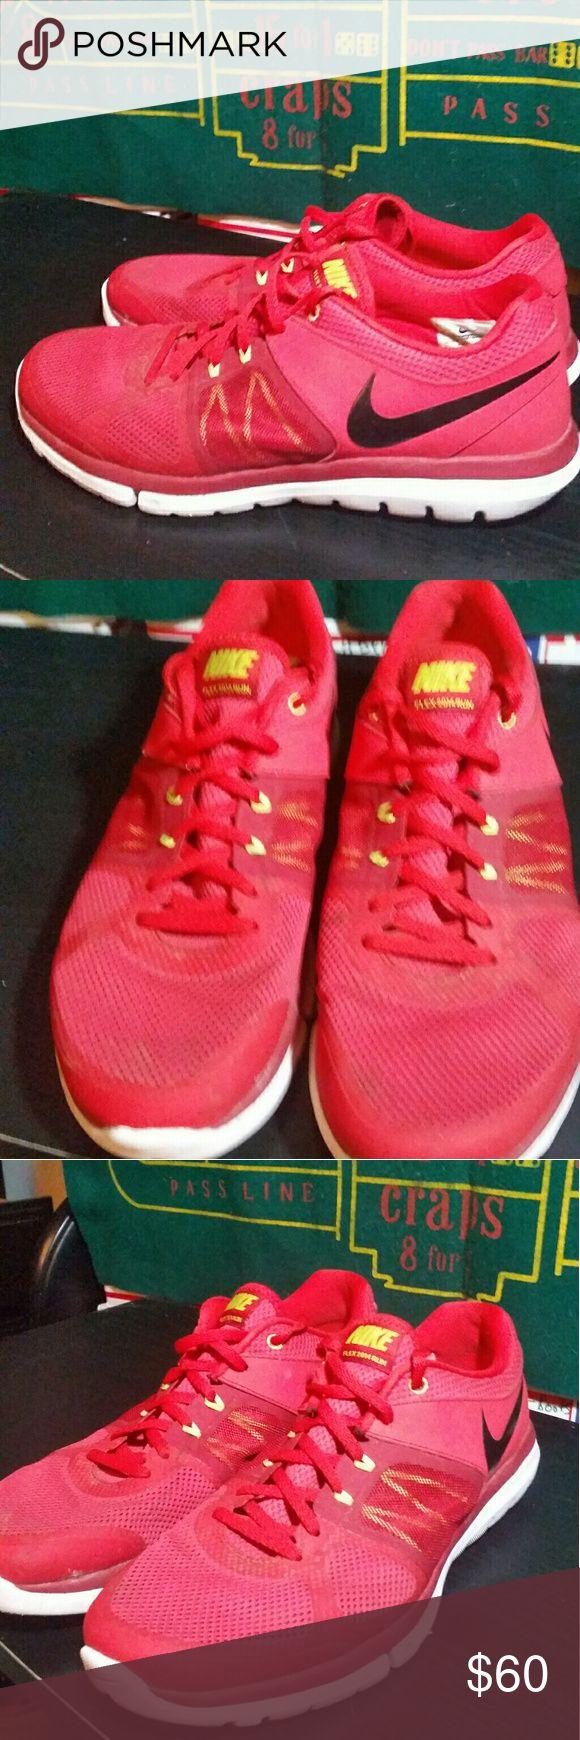 Nike Flex Run 2014 Tennis Shoe Sneakers Size 11 Nike Flex Run 2014 Tennis Shoe Sneakers Size 11 Nike id 642791-602 3/25/2014 Nike Flex Run Shoes Athletic Shoes